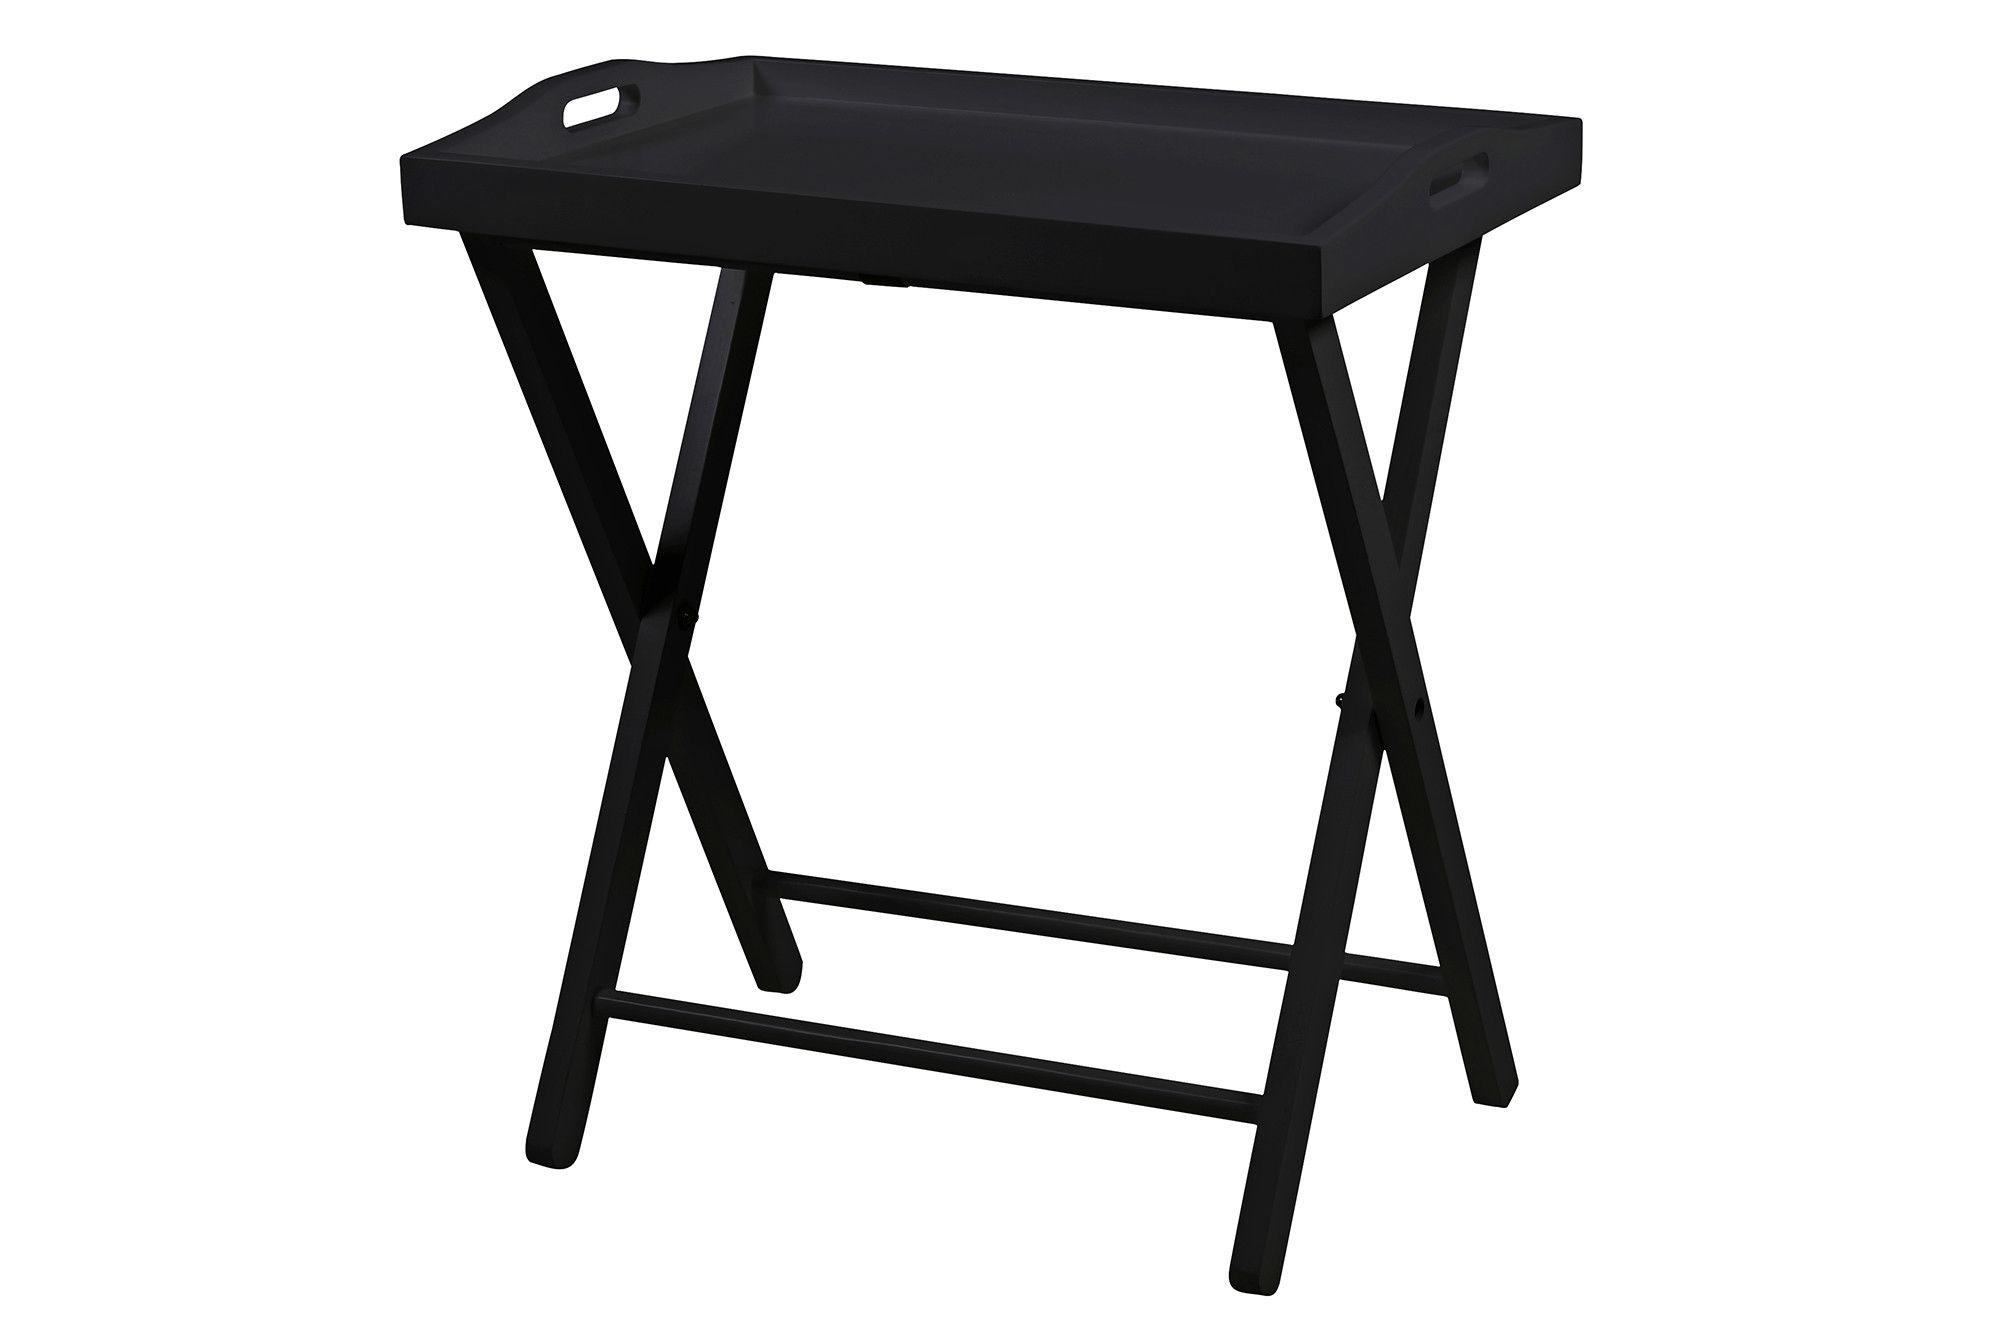 beistelltisch schwarz lackiert woody 169-00270 kiefer modern jetzt, Wohnzimmer dekoo